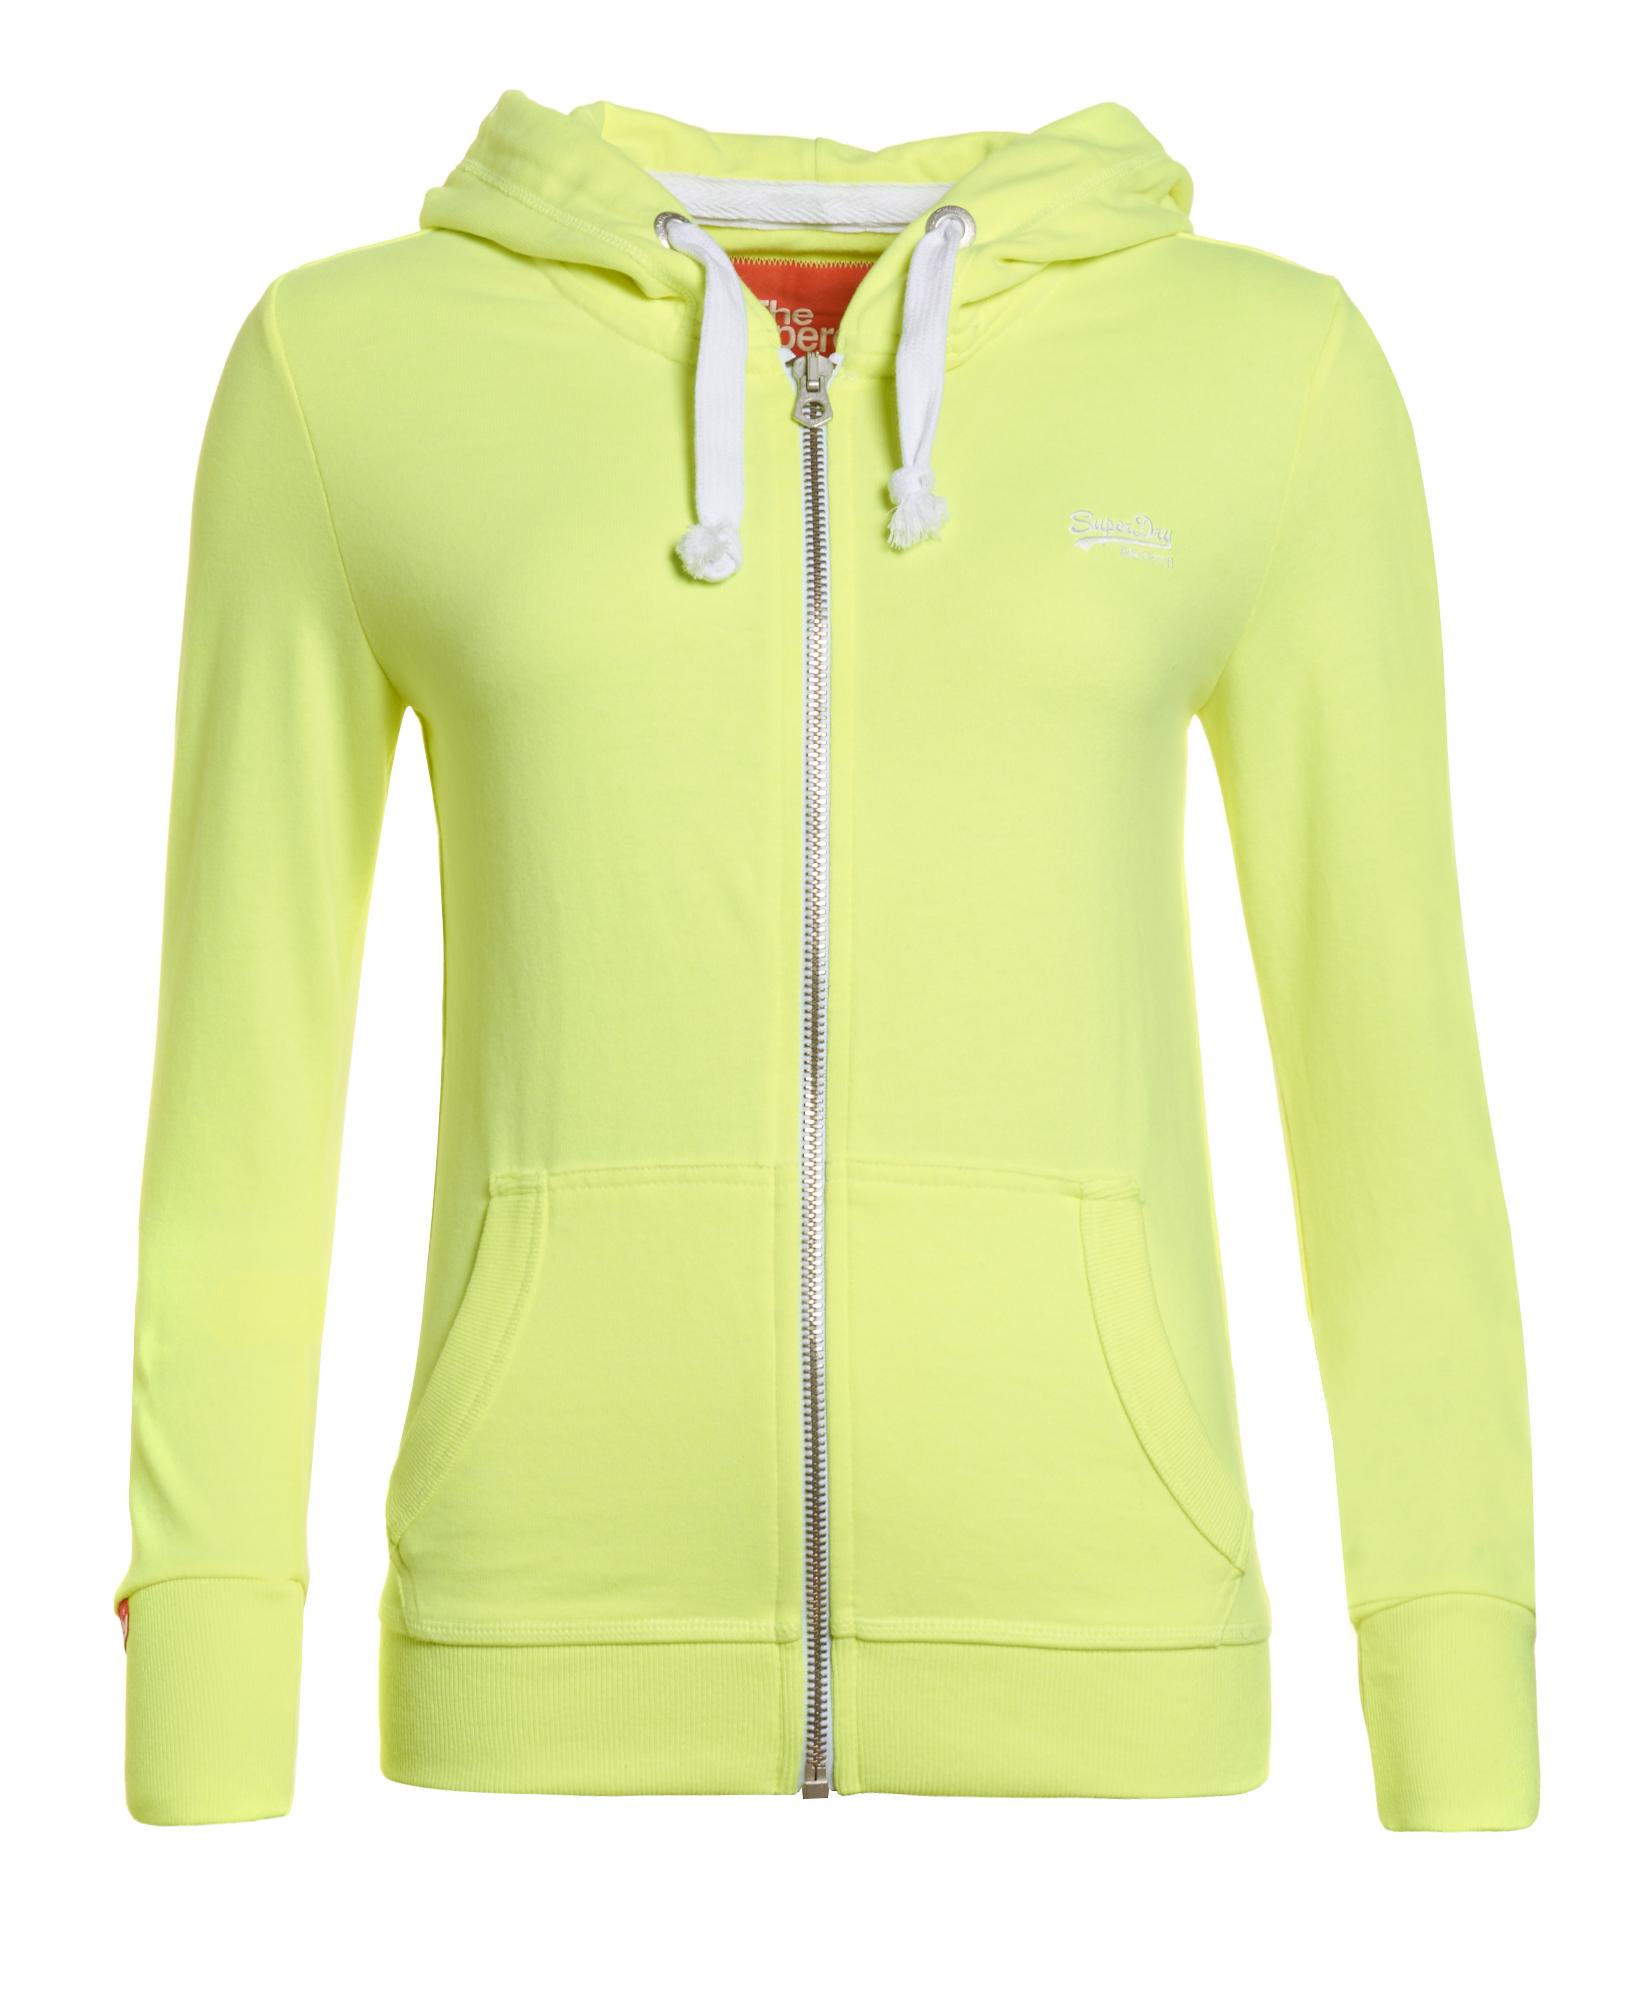 Neon hoodies